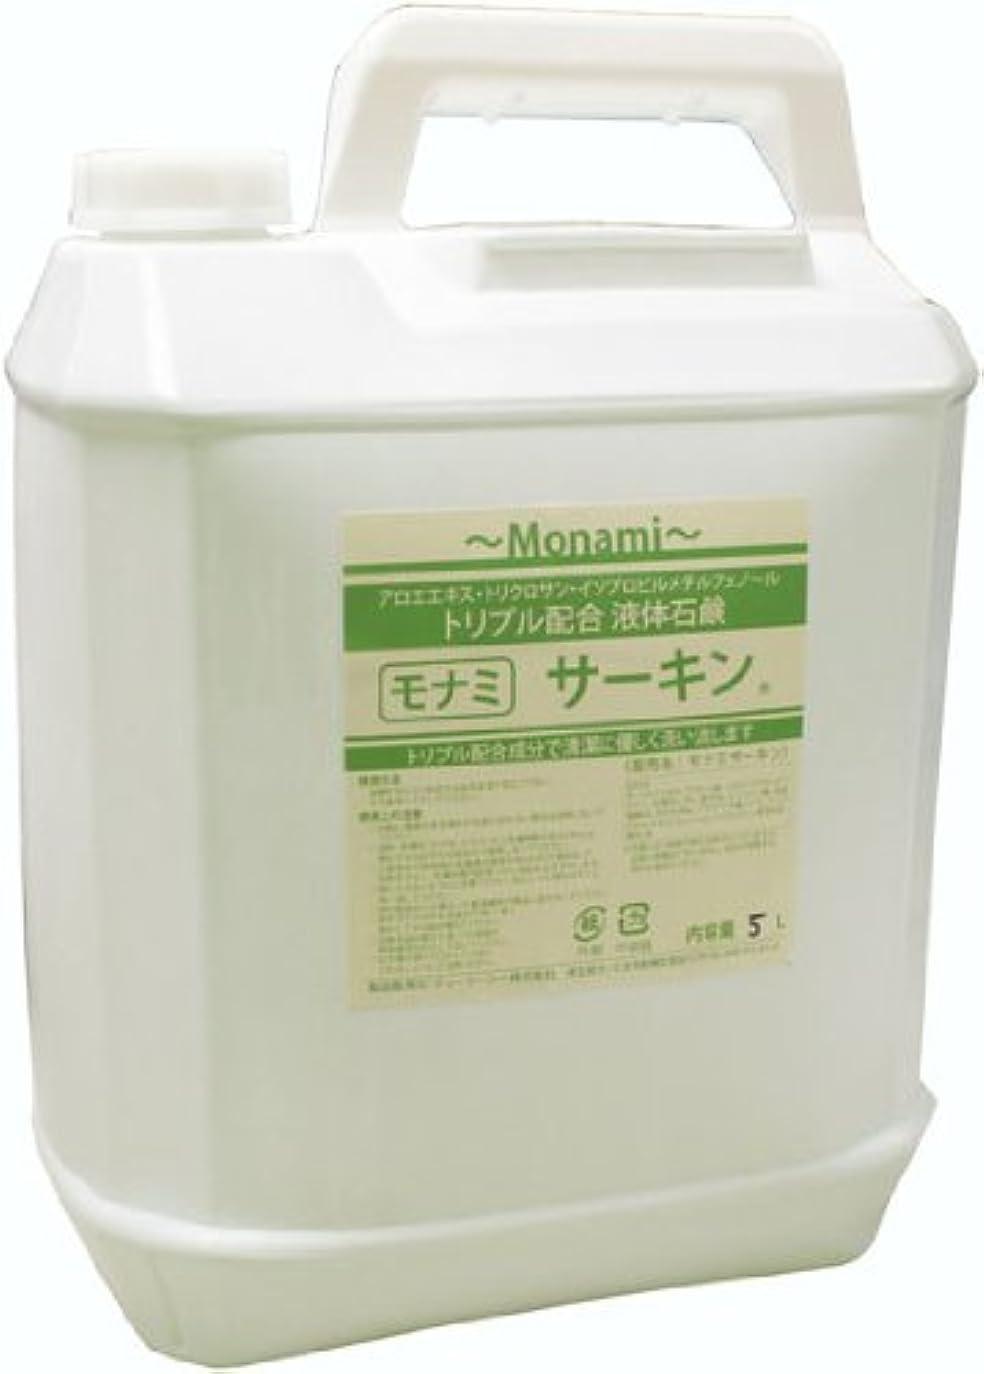 目指す抹消進む保湿剤配合業務用液体ソープ「モナミ サーキン5L」アロエエキス、トリクロサン、イソプロピルメチルフェノール配合